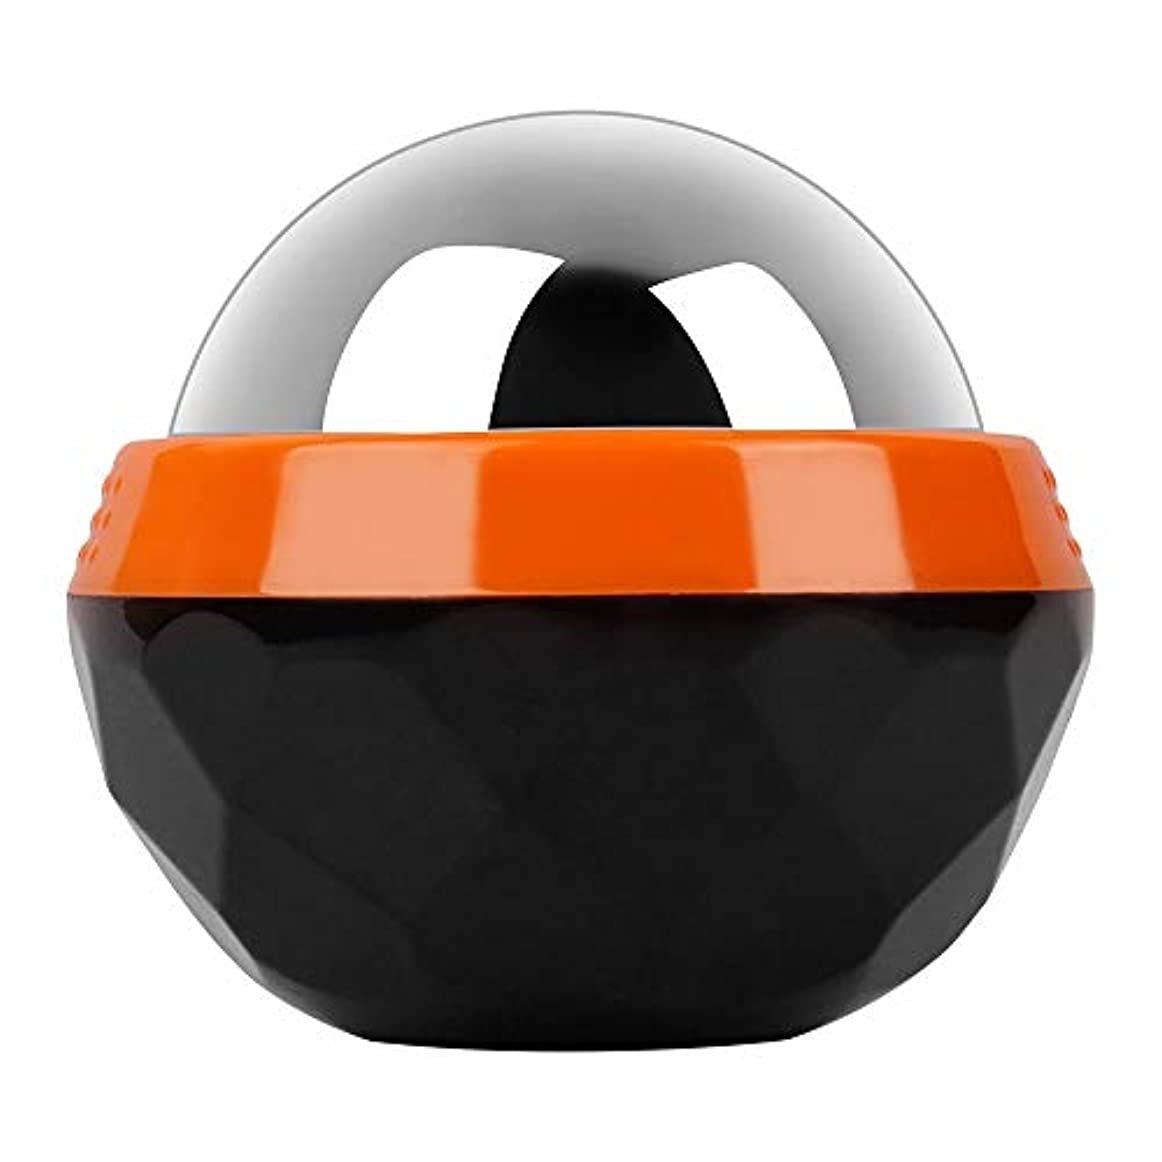 とても故障中立ち寄るGeTooコールドマッサージローラーボール-2.4インチの氷球は6時間冷たさを持続、アイスセラピーディープティッシュマッサージ、オレンジとブラック